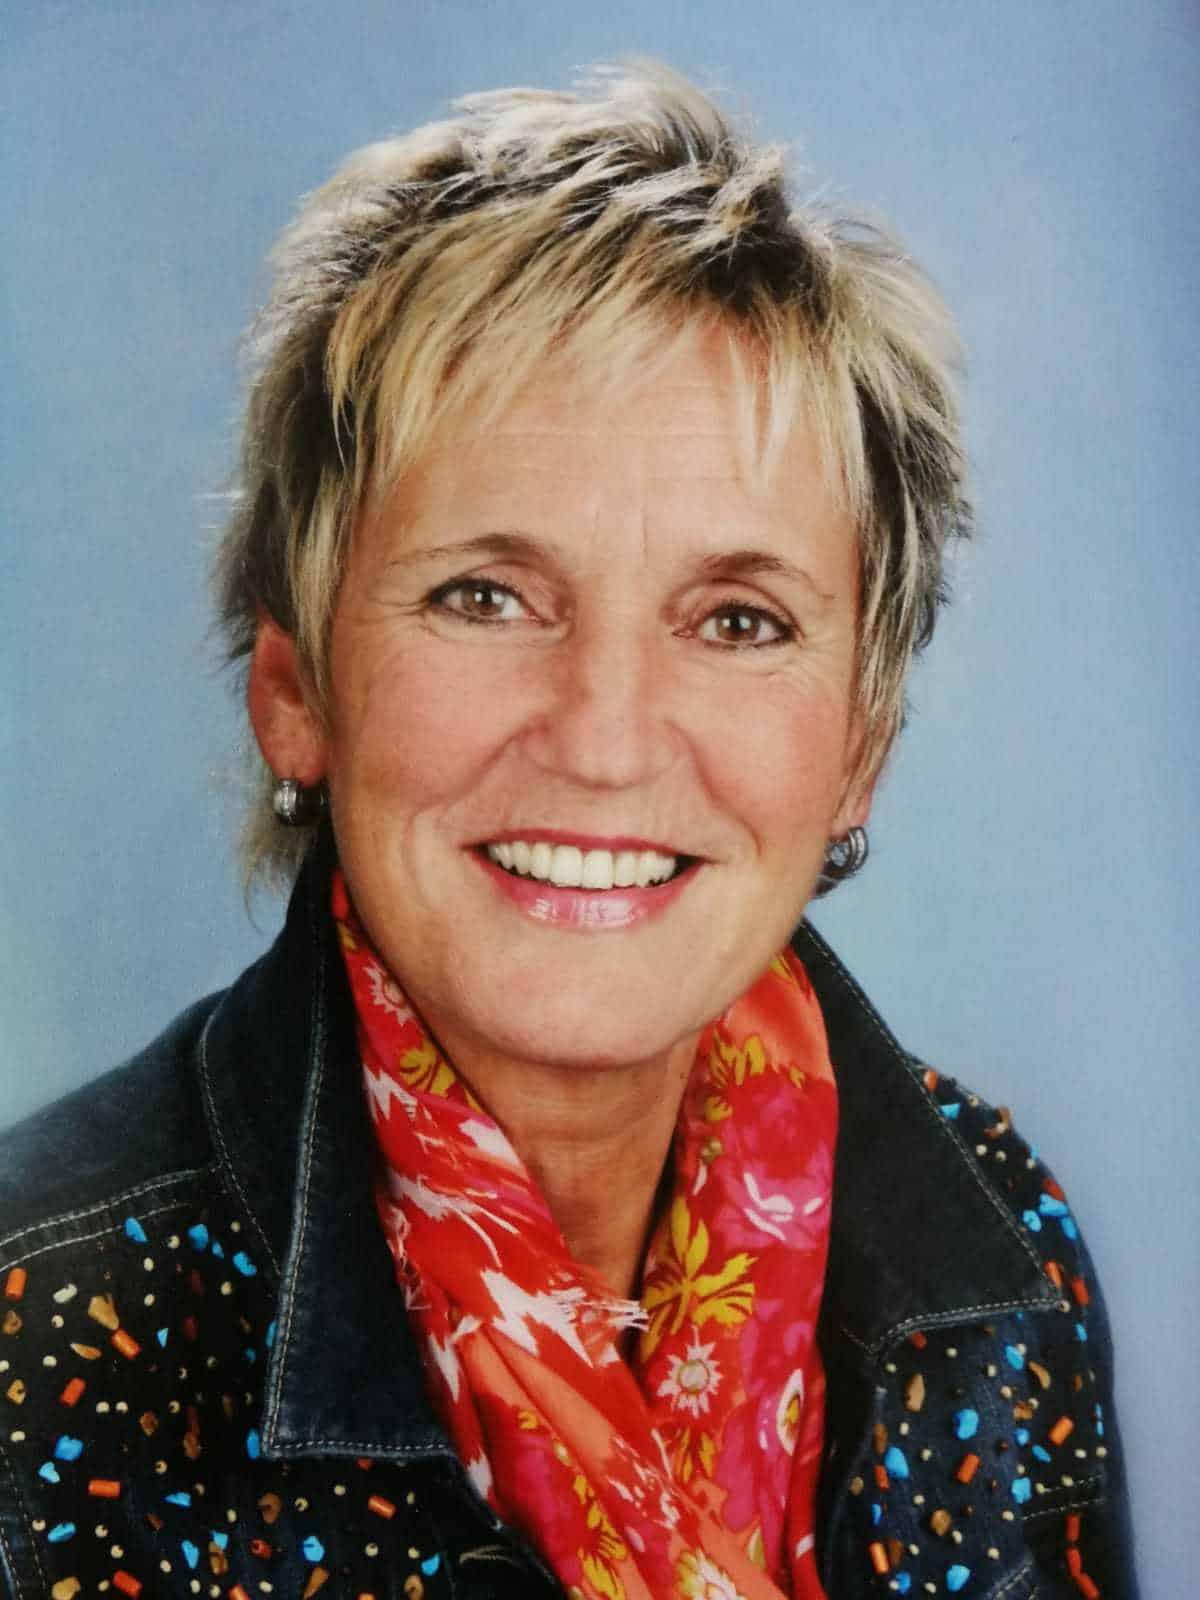 Andrea Meier-Odenbach